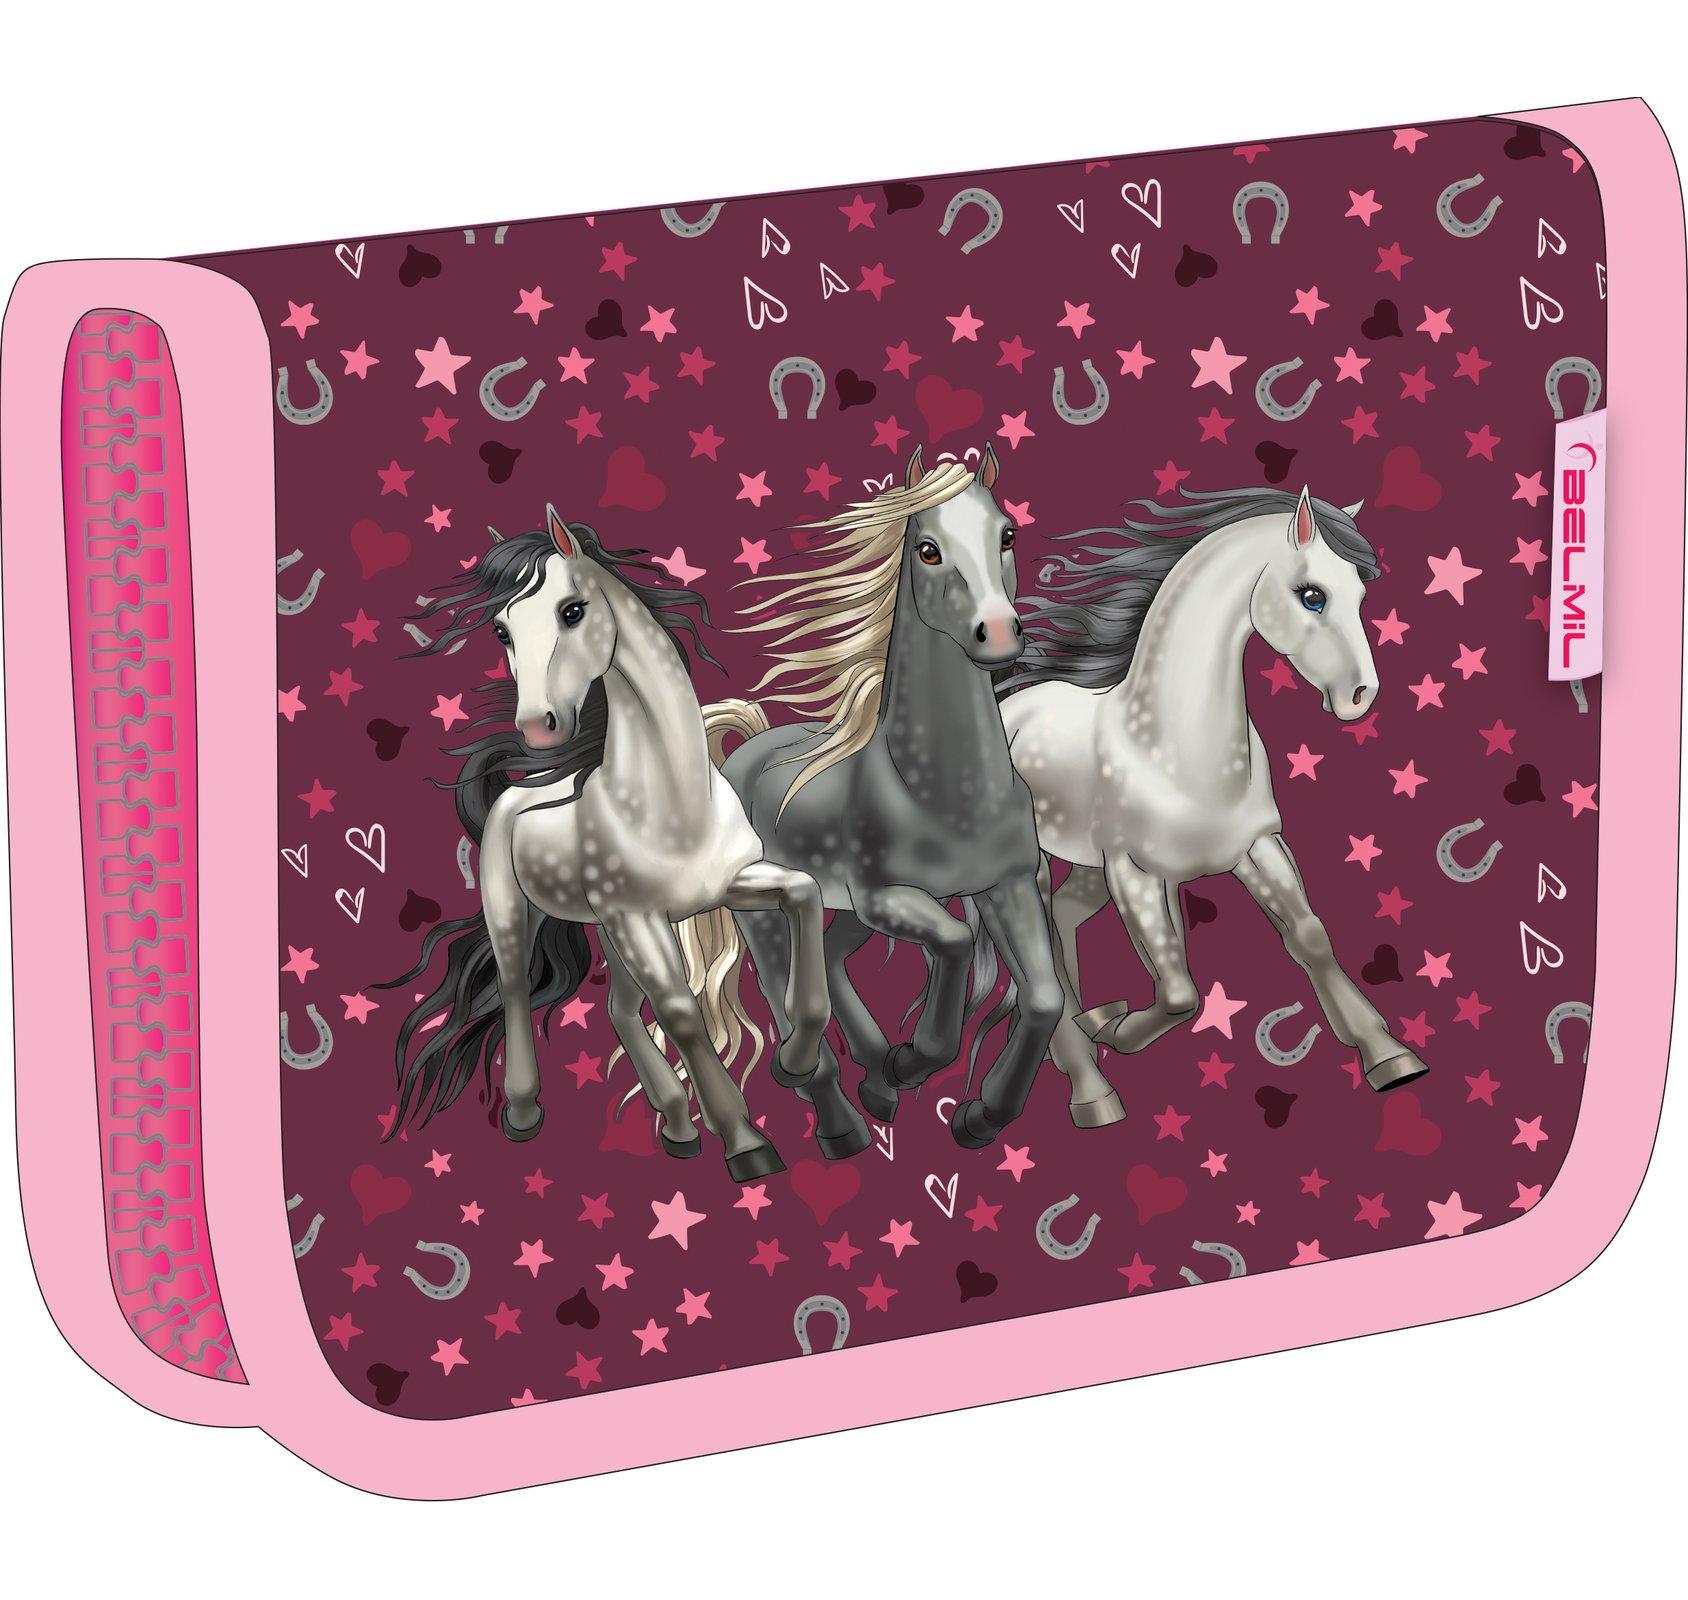 Пенал Belmil Лошадки 33572 I Love Horse, - фото 1